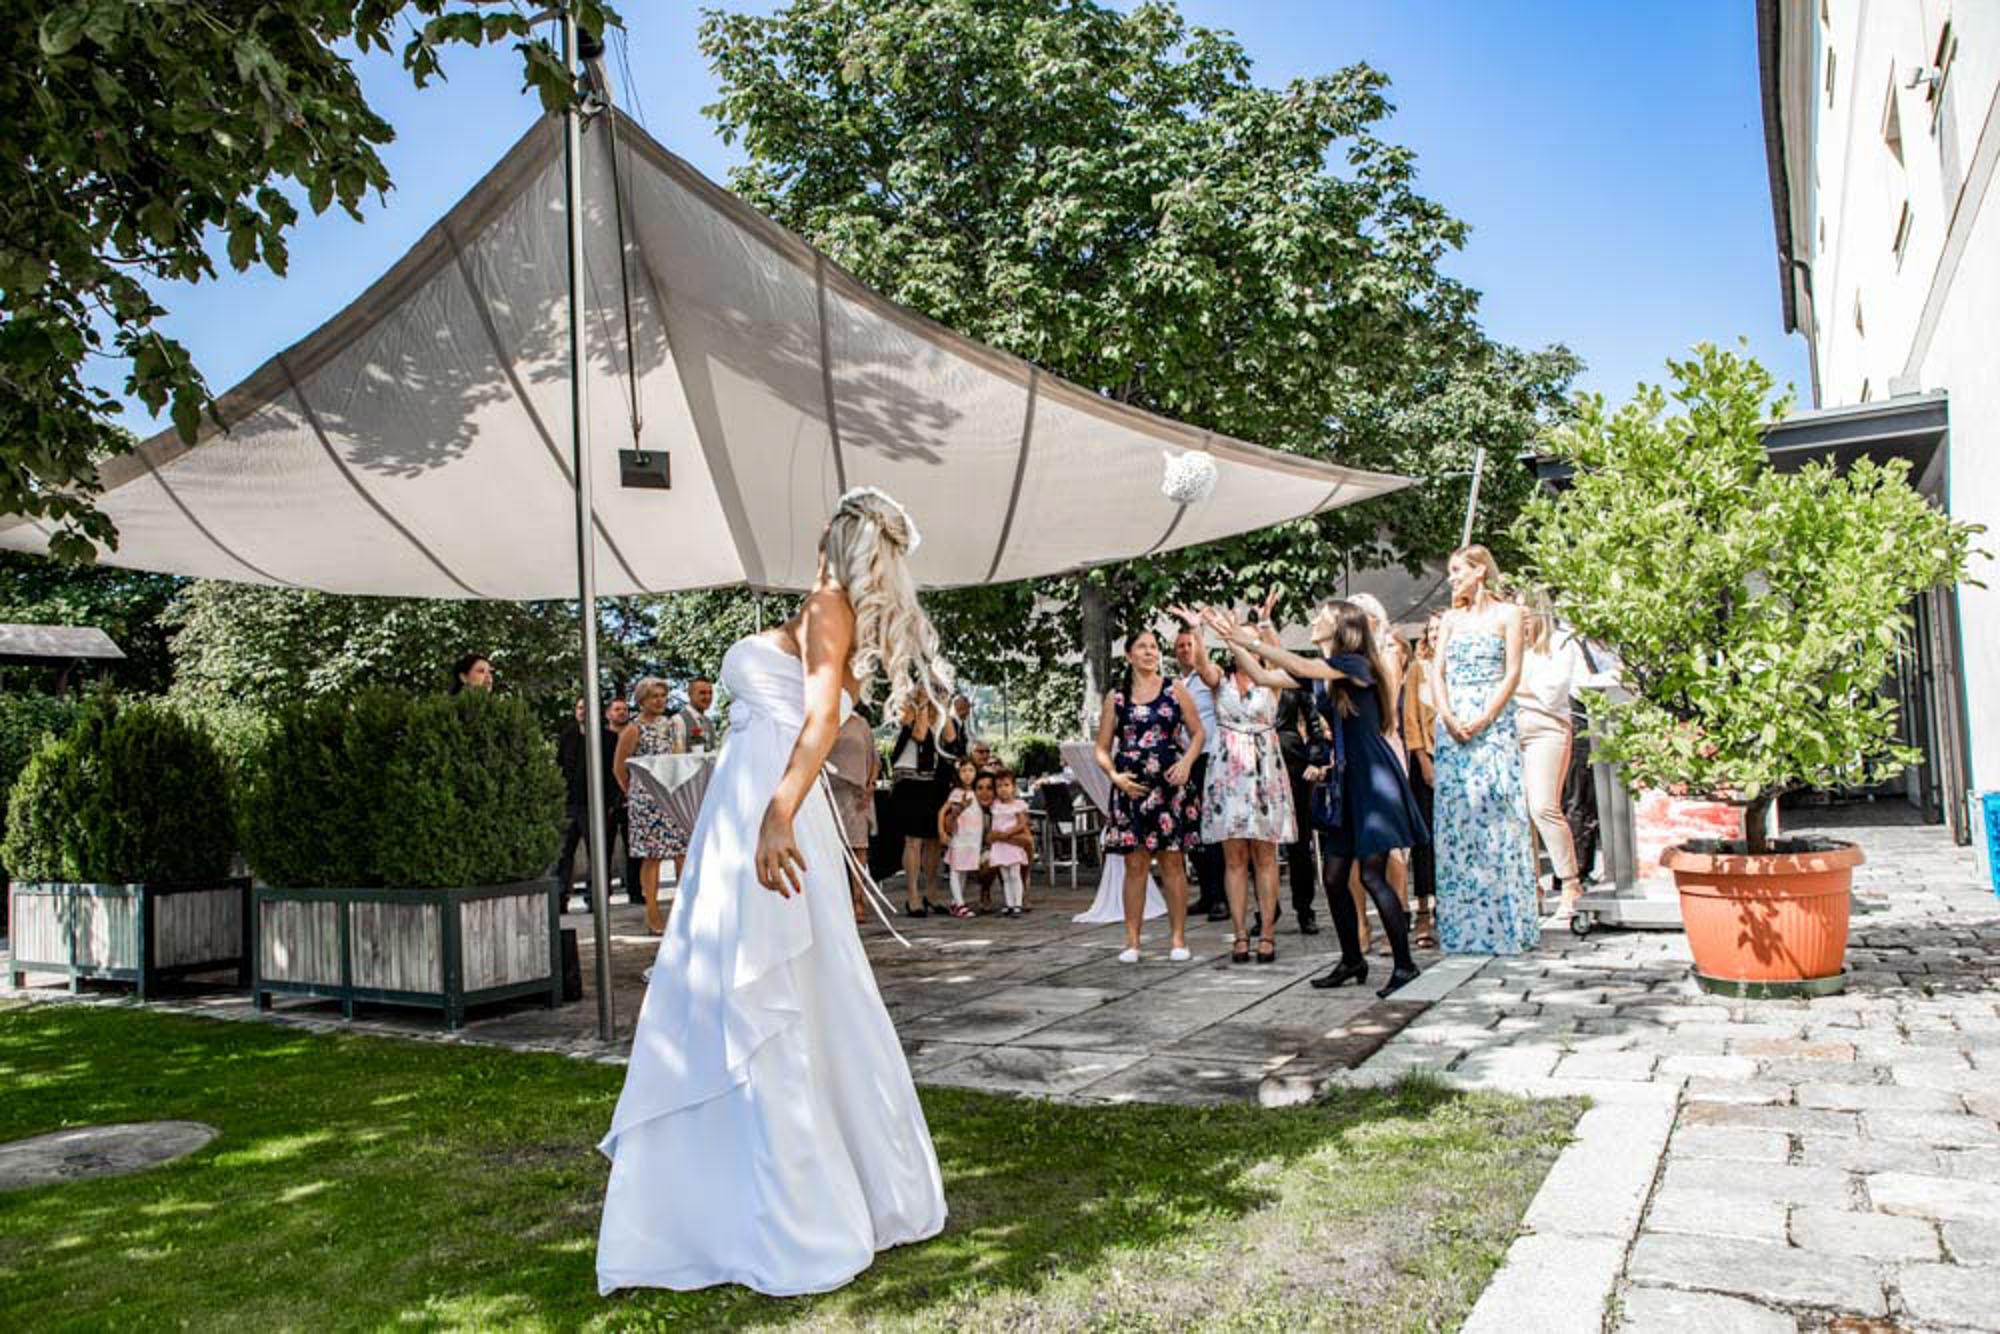 Hochzeitsfotografie Outdoor Braut wirft Strauß